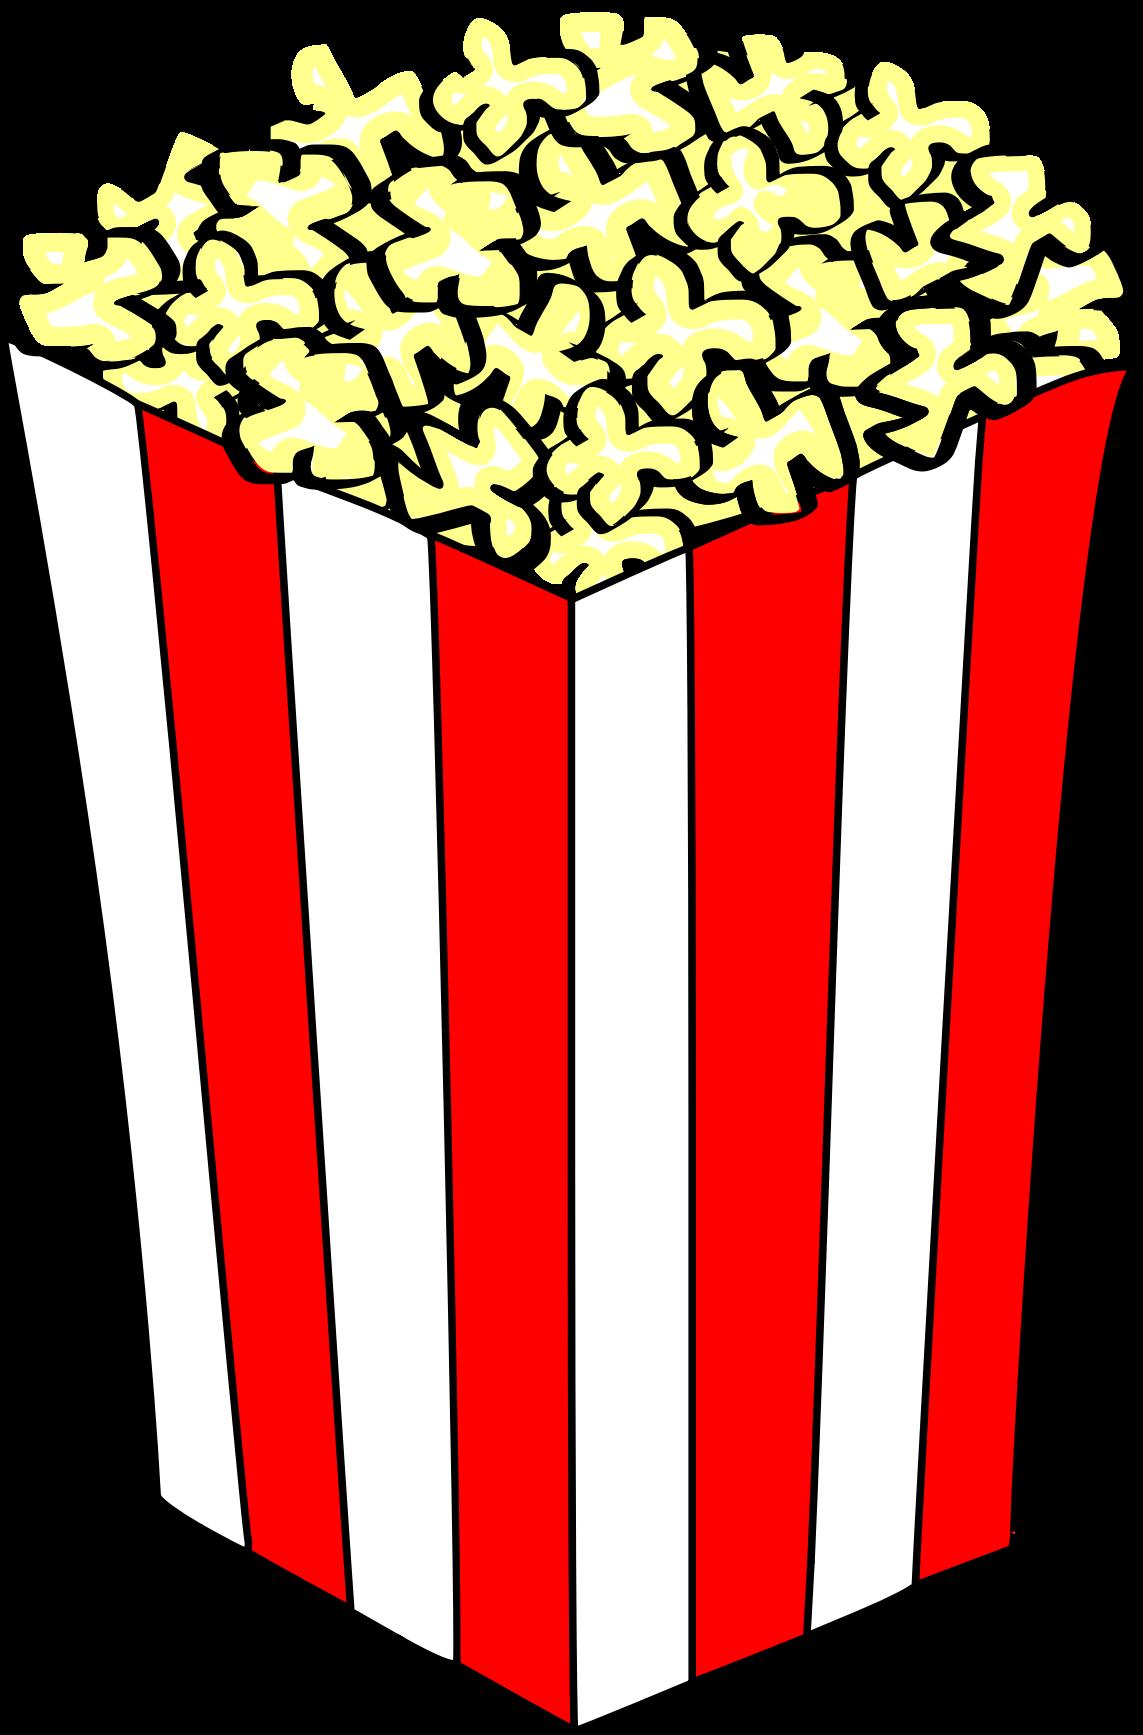 A clipart popcorn. Big image png